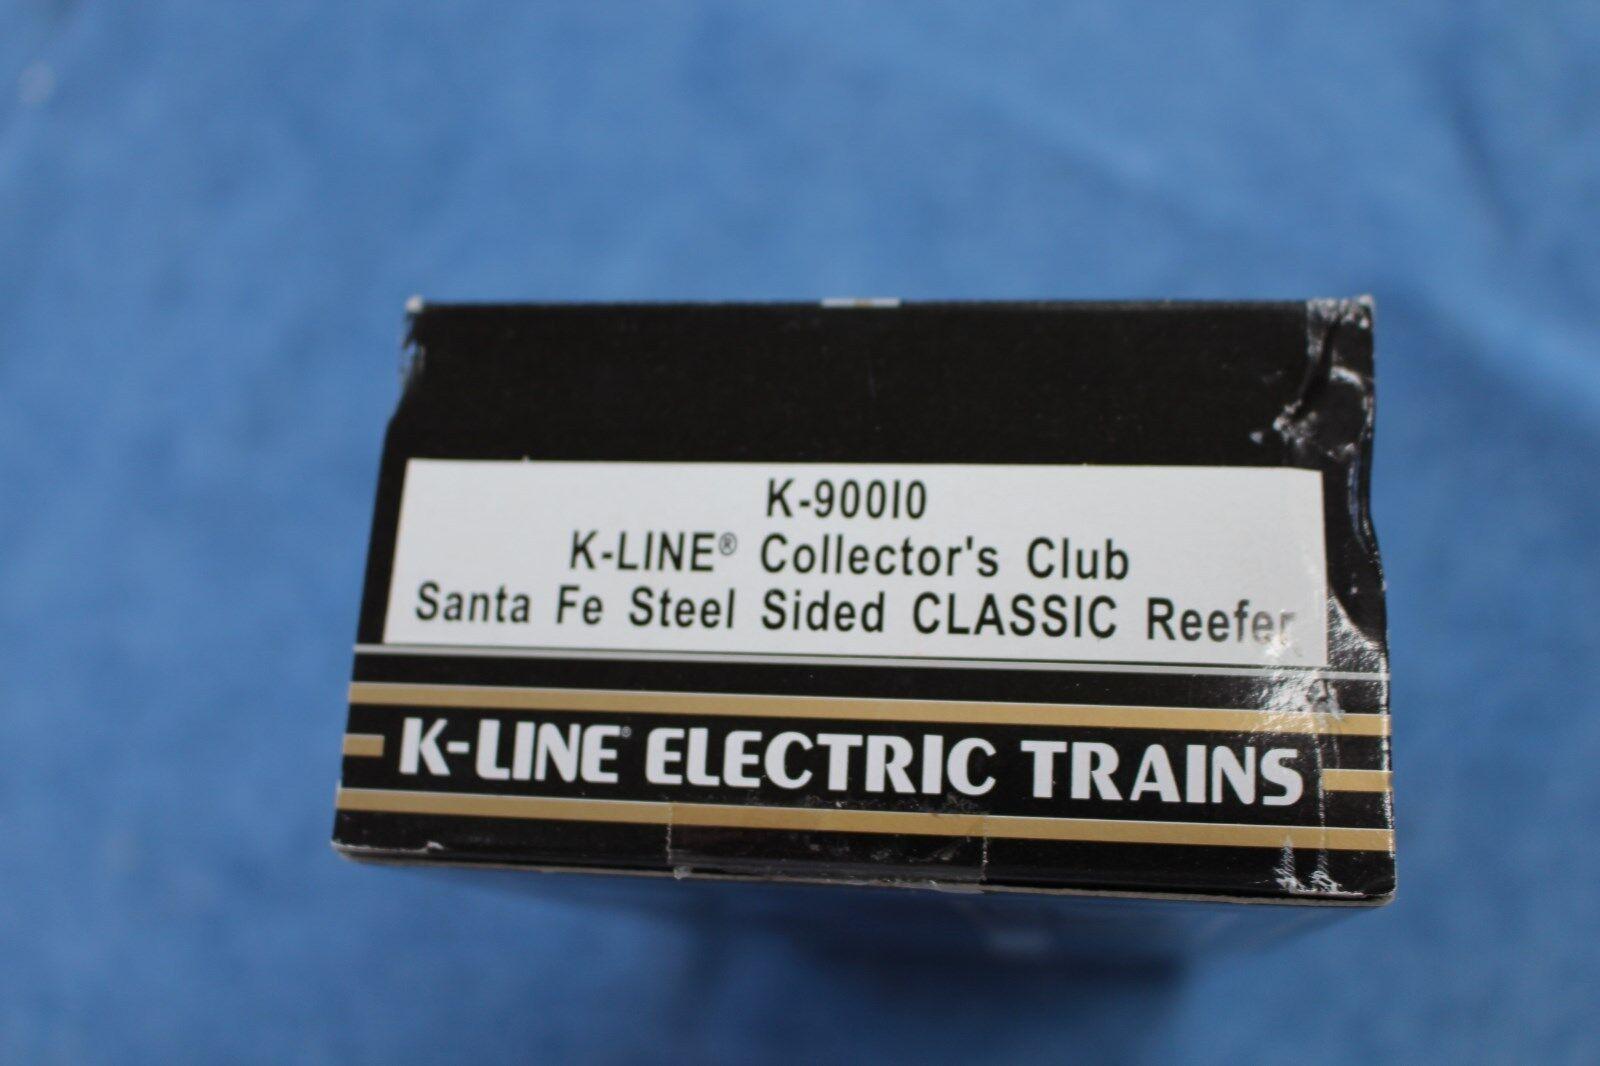 1996 K-Line K-Line K-Line  K90010 Santa Fe Classic Reefer KCC Collector's Club L2655 ab7779